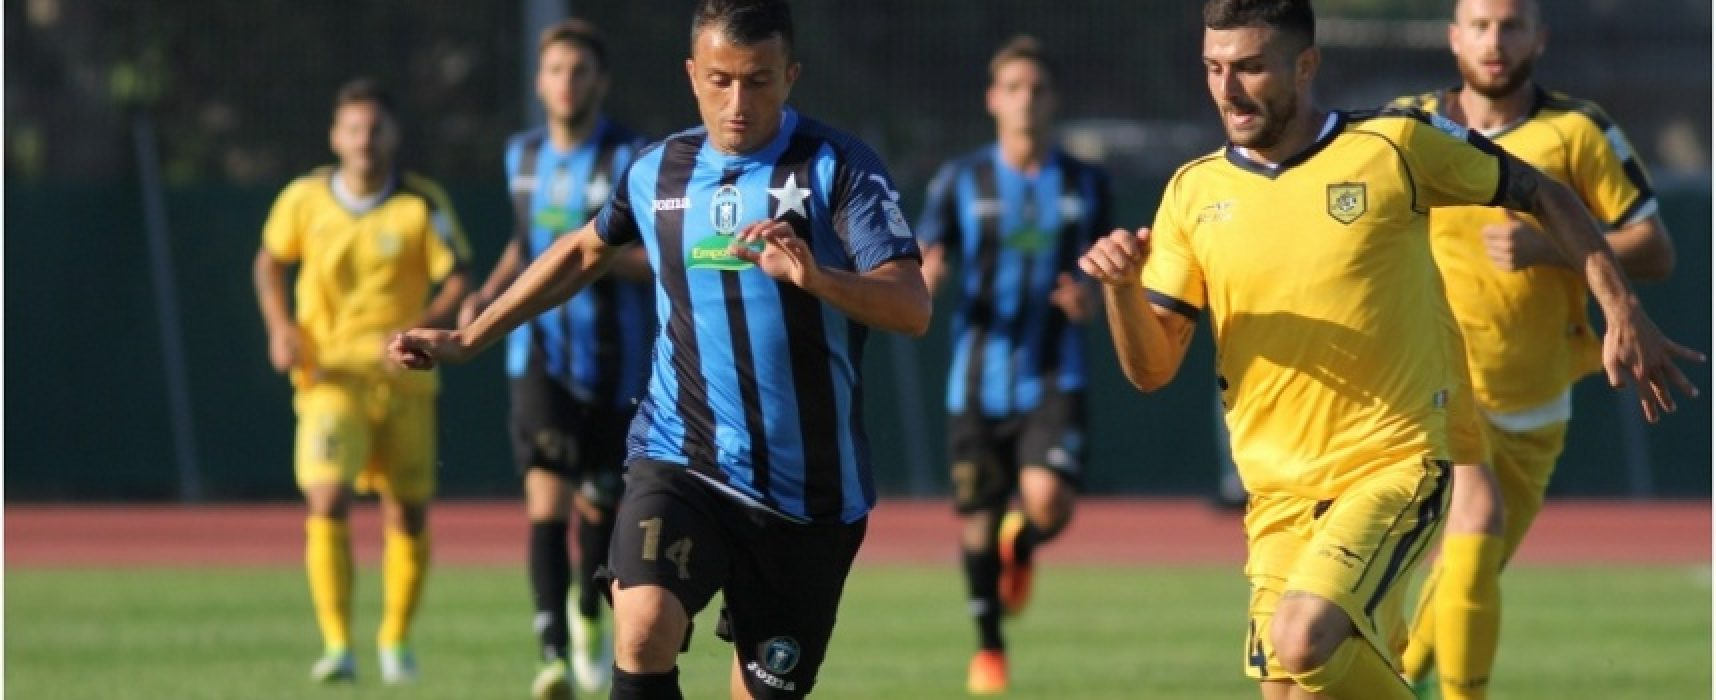 Bisceglie, testa alla Coppa: al Ventura arriva la Virtus Francavilla